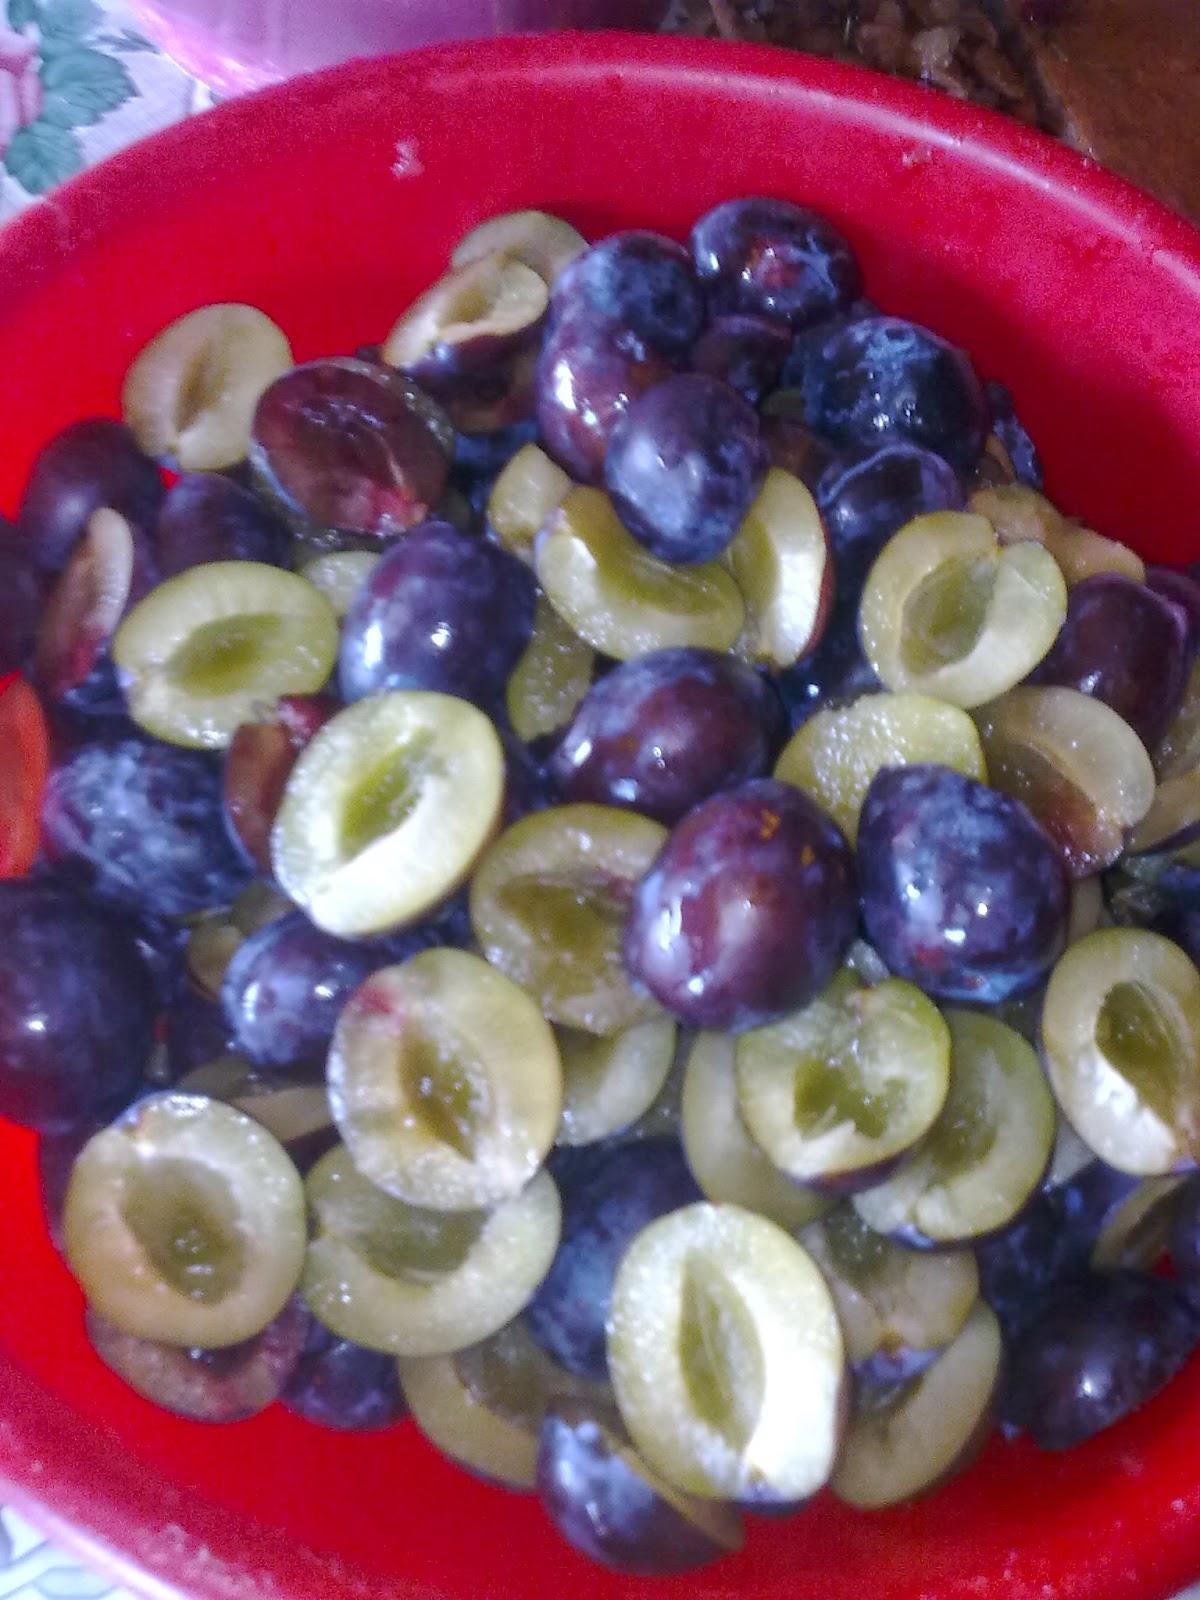 curatarea prunelor borcane pentru compotul pentru iarnă